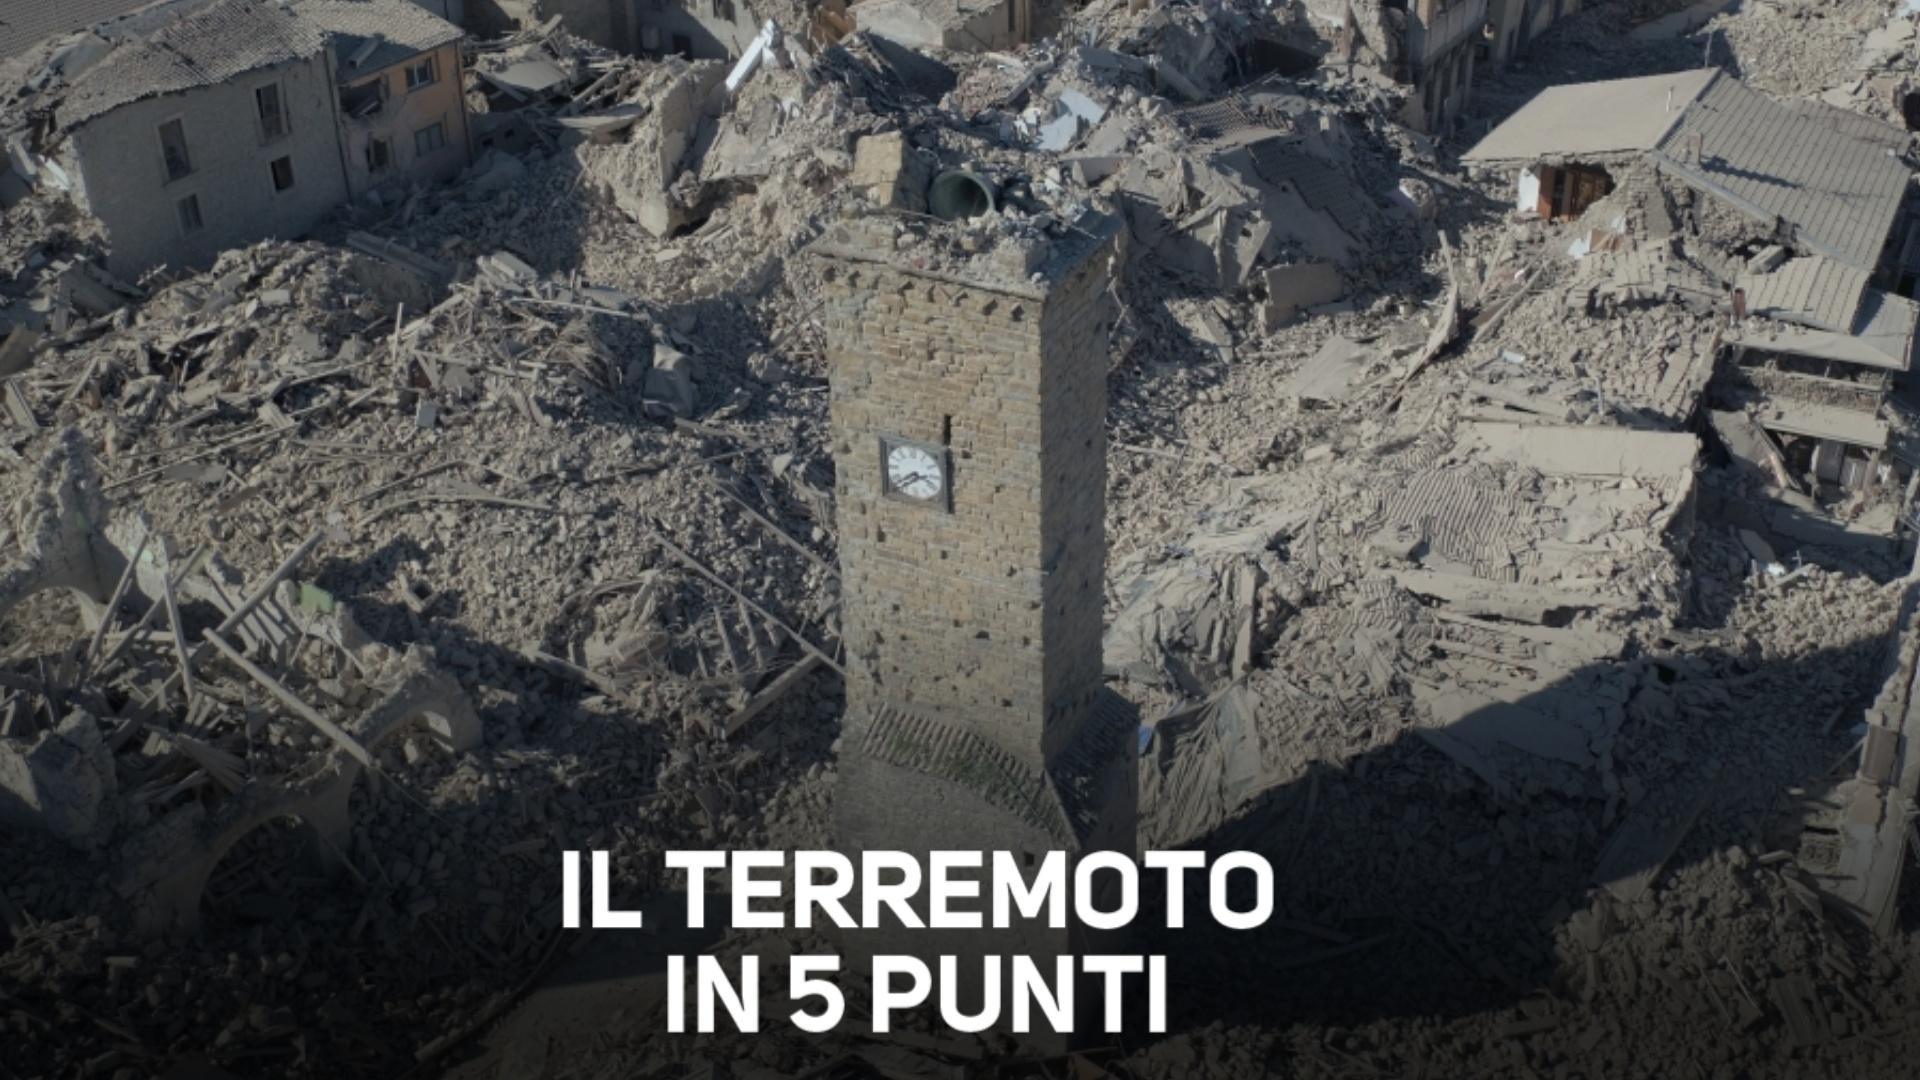 Tutto quello che sappiamo sul terremoto del 30 ottobre